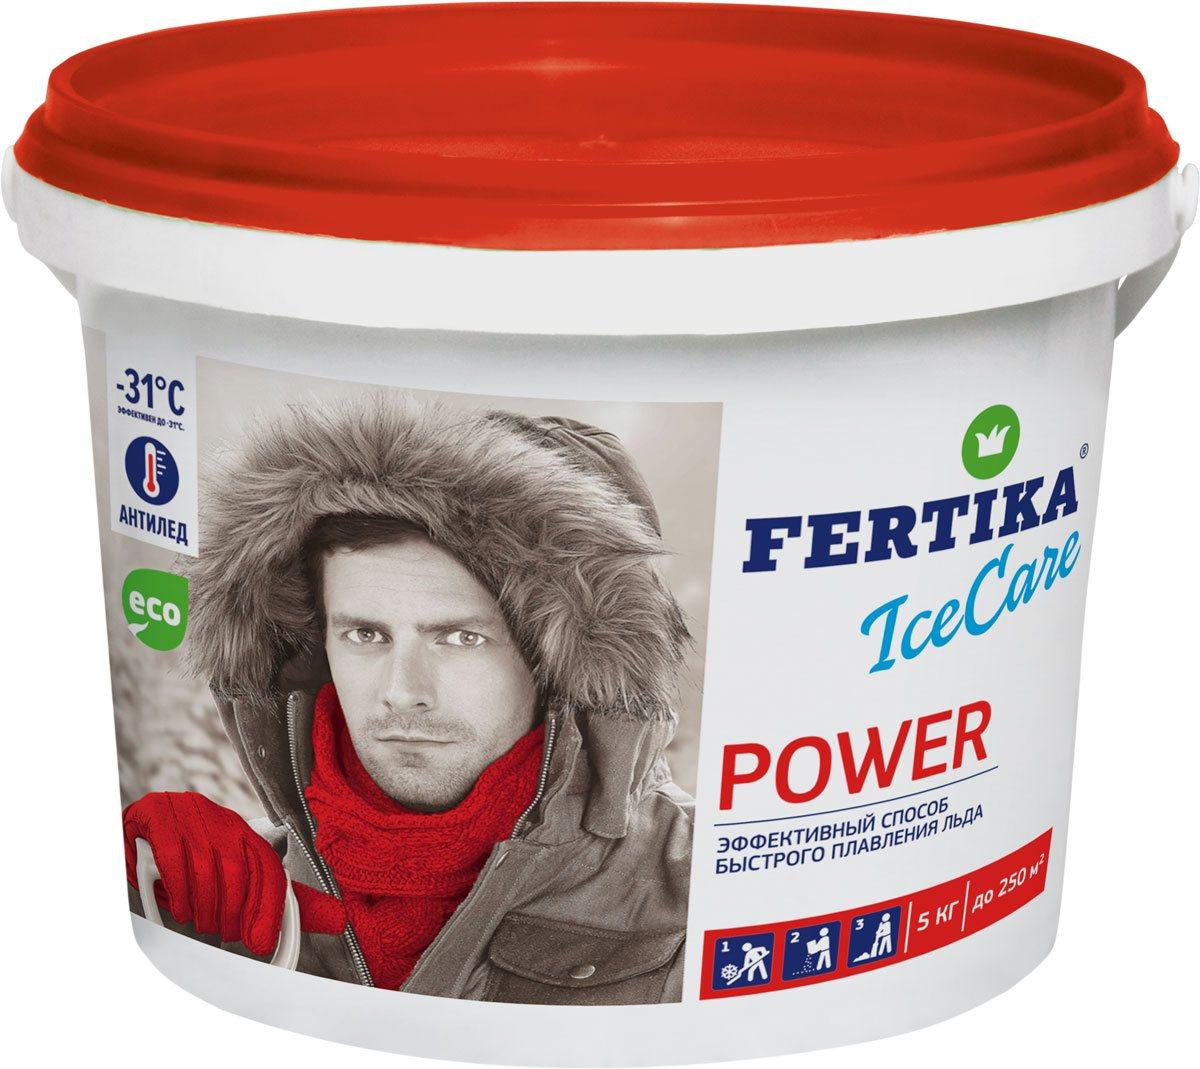 Реагент противогололедный Fertika IceCare Power, 5 кгBi-fertika0063Безопасный противогололедный реагент IceCare Power.Противогололедный реагент хлористый кальций в гранулах Fertika IceCare Power обладает высокой плавящей способностью и работает в экстремальных температурах до -31°С.Попадая на поверхность, он мгновенно вступает в реакцию, проникая сквозь снежно-ледяные отложения, разрушает структуру льда, препятствуя повторному образованию гололеда. Разрушает лед и связь льда с поверхностью, после чего остатки расплавленного снега и льда легко убираются механическим способом.Преимущества:• Плавит лед в 2-5 раз быстрее, чем другие противоледные реагенты• Работает в экстремальных температурных диапазонах• Экологически чист и безопасен при соблюдении норм внесенияСпособ применения:1. Предварительно очистить поверхность от рыхлого снега.2. Равномерно рассыпать материал на обрабатываемую поверхность, средний расход материала составляет до 70 гр/м2 при толщине льда до 5 мм и температуре до -10 °С. Рекомендуемый расход материала в зависимости от погодных условий приведен в таблице.3. Убрать разрушенный лед и снег лопатой, либо щеткой по окончанию процесса плавления льда во избежание повторного образования льда.MEРЫ ПРЕДОСТОРОЖНОСТИ• Не применять в пищу.• Оказывает умеренно раздражающее действие на кожу и слизистые оболочки.• При попадании в глаза промыть водой.• При работе с материалом рекомендуется использовать перчатки.• Не рекомендуется применять для цементнобетонных покрытий в течении года после укладки цементнобетонной смеси.СОСТАВ ПРОТИВОГОЛОЛЕДНОГО РЕАГЕНТАГранулированный высокочистый хлорид кальция (CAS 10043-52-4) с добавлением антикоррозийных ингибиторов. Материал пожаро- и взрывобезопасен, не содержит тяжелых металлов и других вредных для людей и животных примесей.ХРАНЕНИЕХранить в в недоступных для детей и домашних животных местах, в неповрежденной упаковке, в крытых помещениях, исключающих попадание влаги и прямых солнечных лучей. Материал гигроскопичен, для со